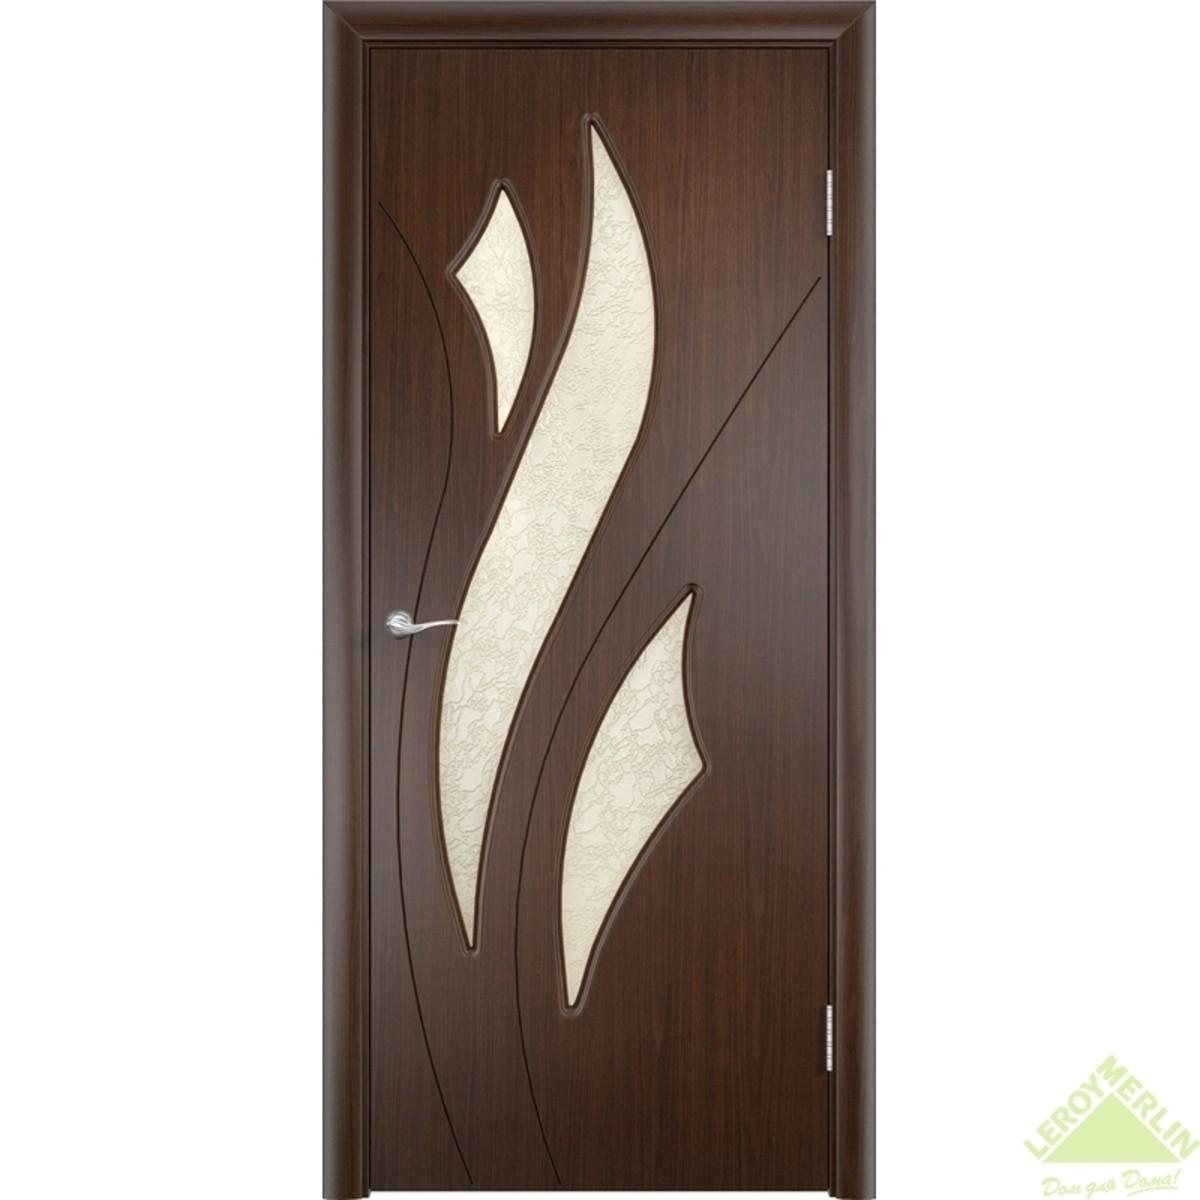 Дверное полотно остеклённое Латина Дельта 80x200 см ПВХ венге